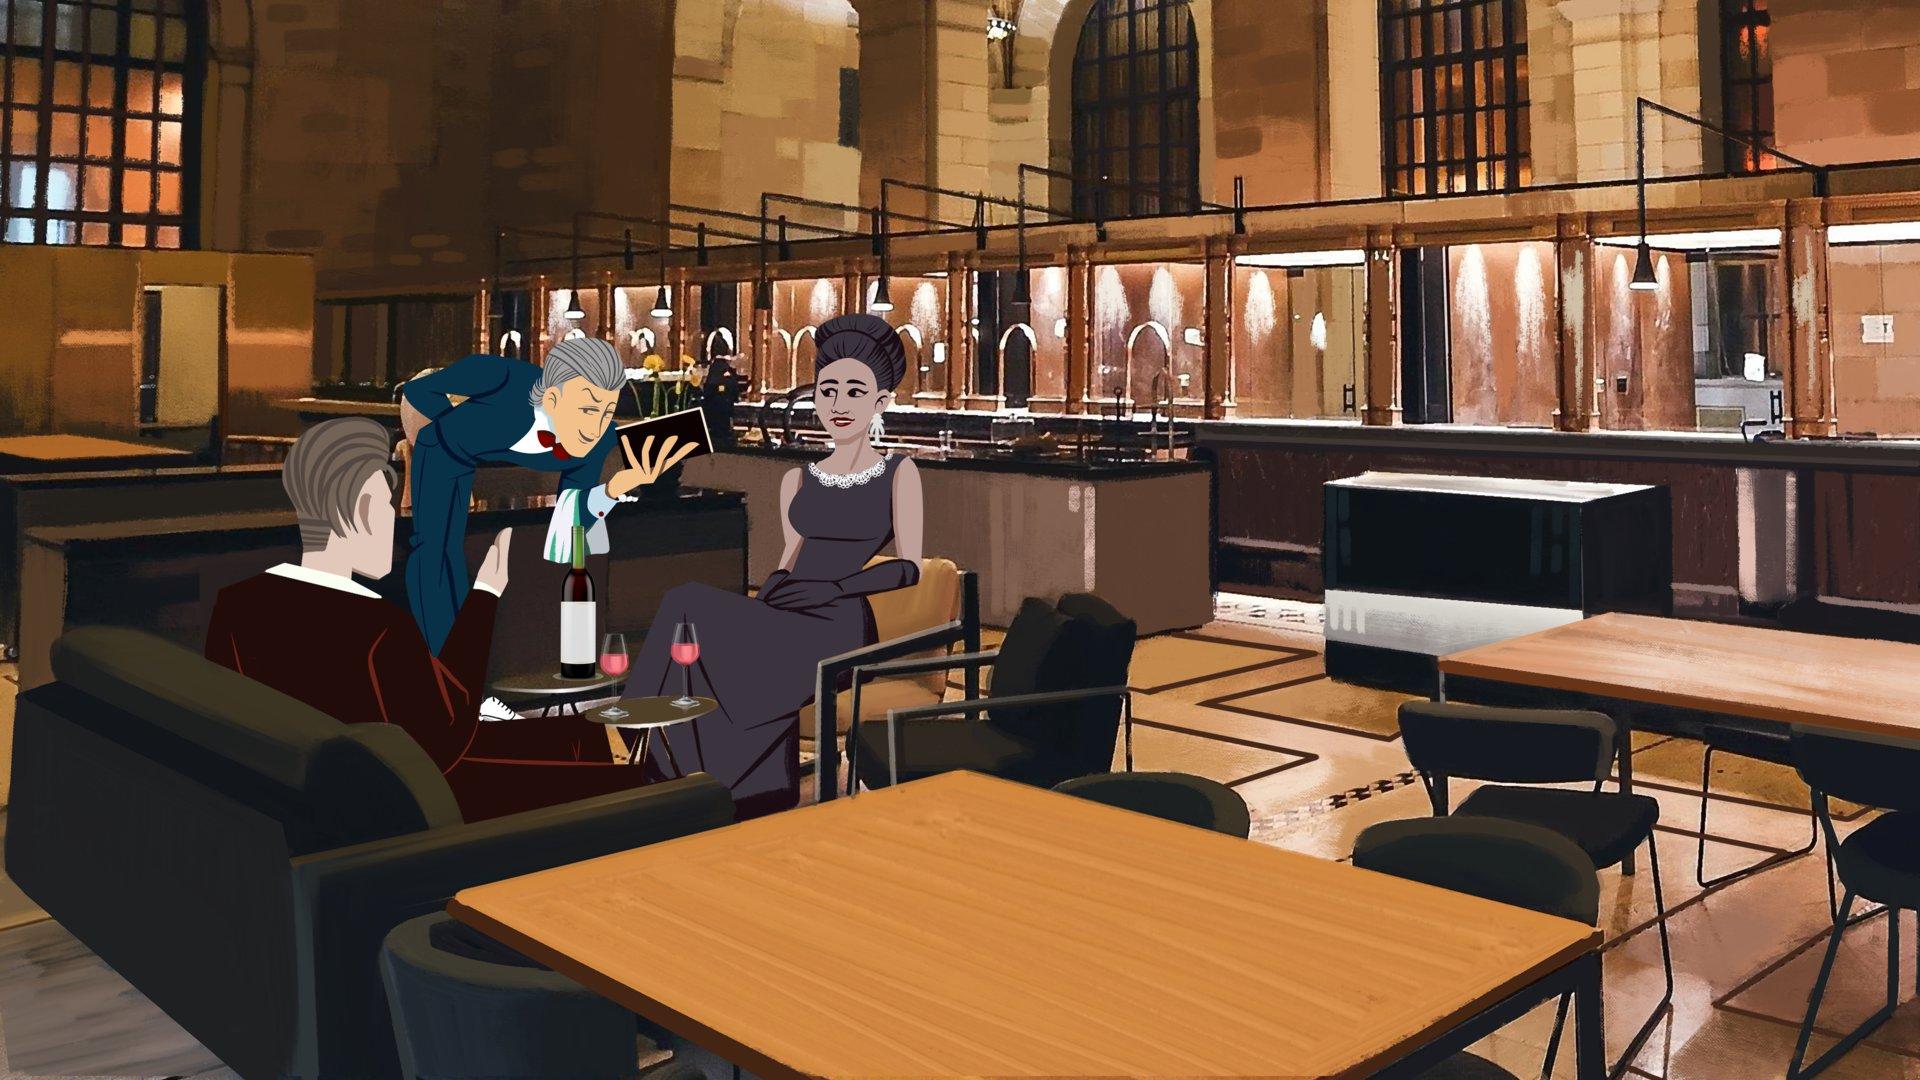 בַּמִּסְעָדָה / In the restaurant